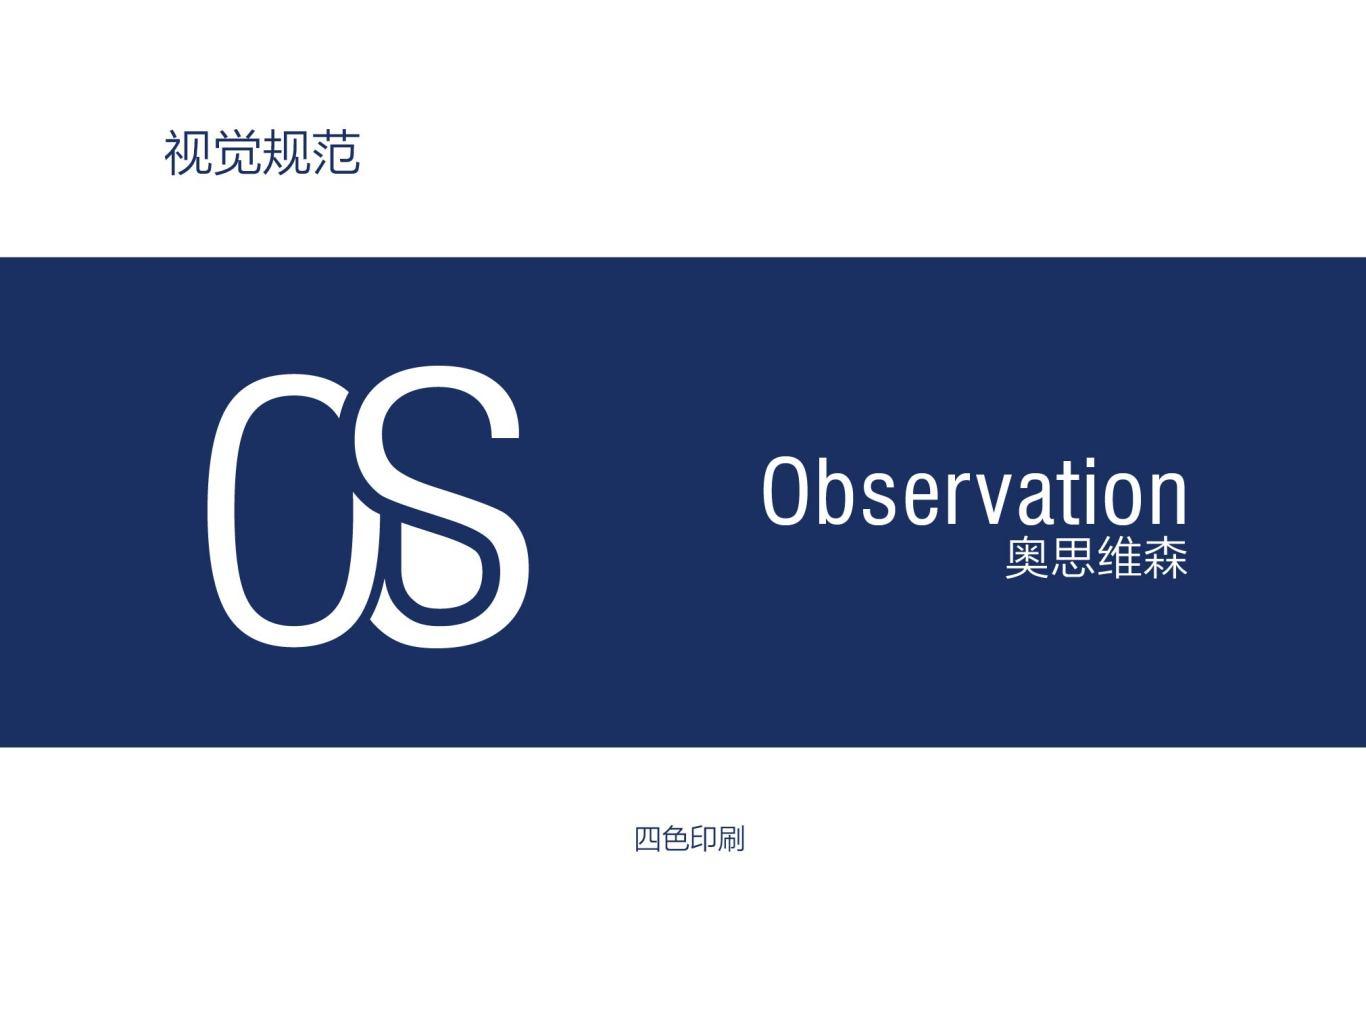 奥思维森logo设计图4